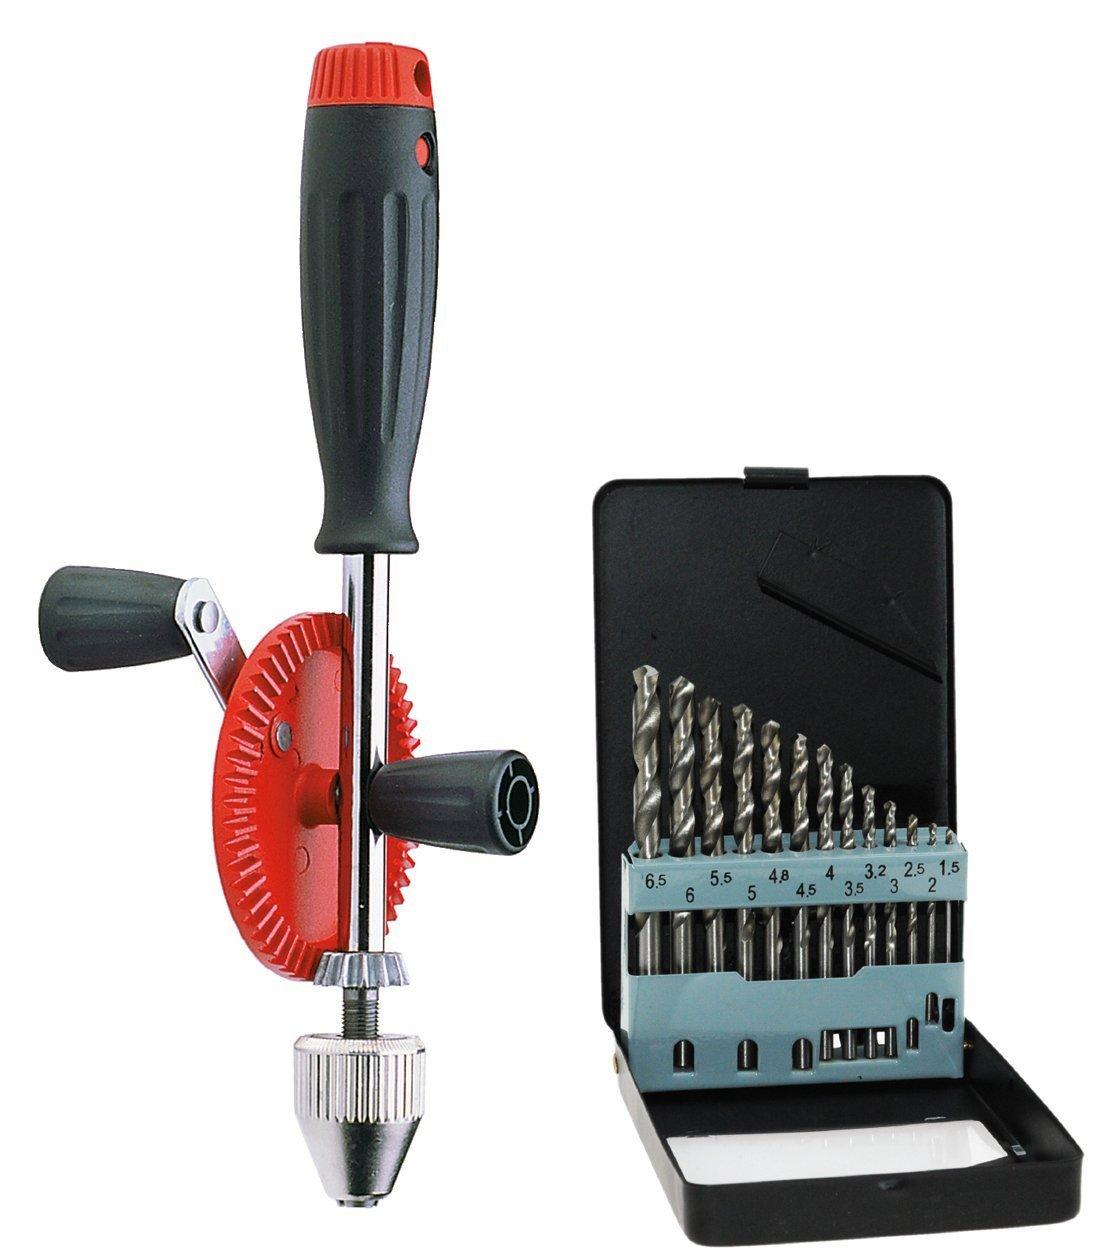 Echtes Werkzeug für Kinder - Echtes Kinderwerkzeug - Corvus Hand-Bohrmaschine Kinder